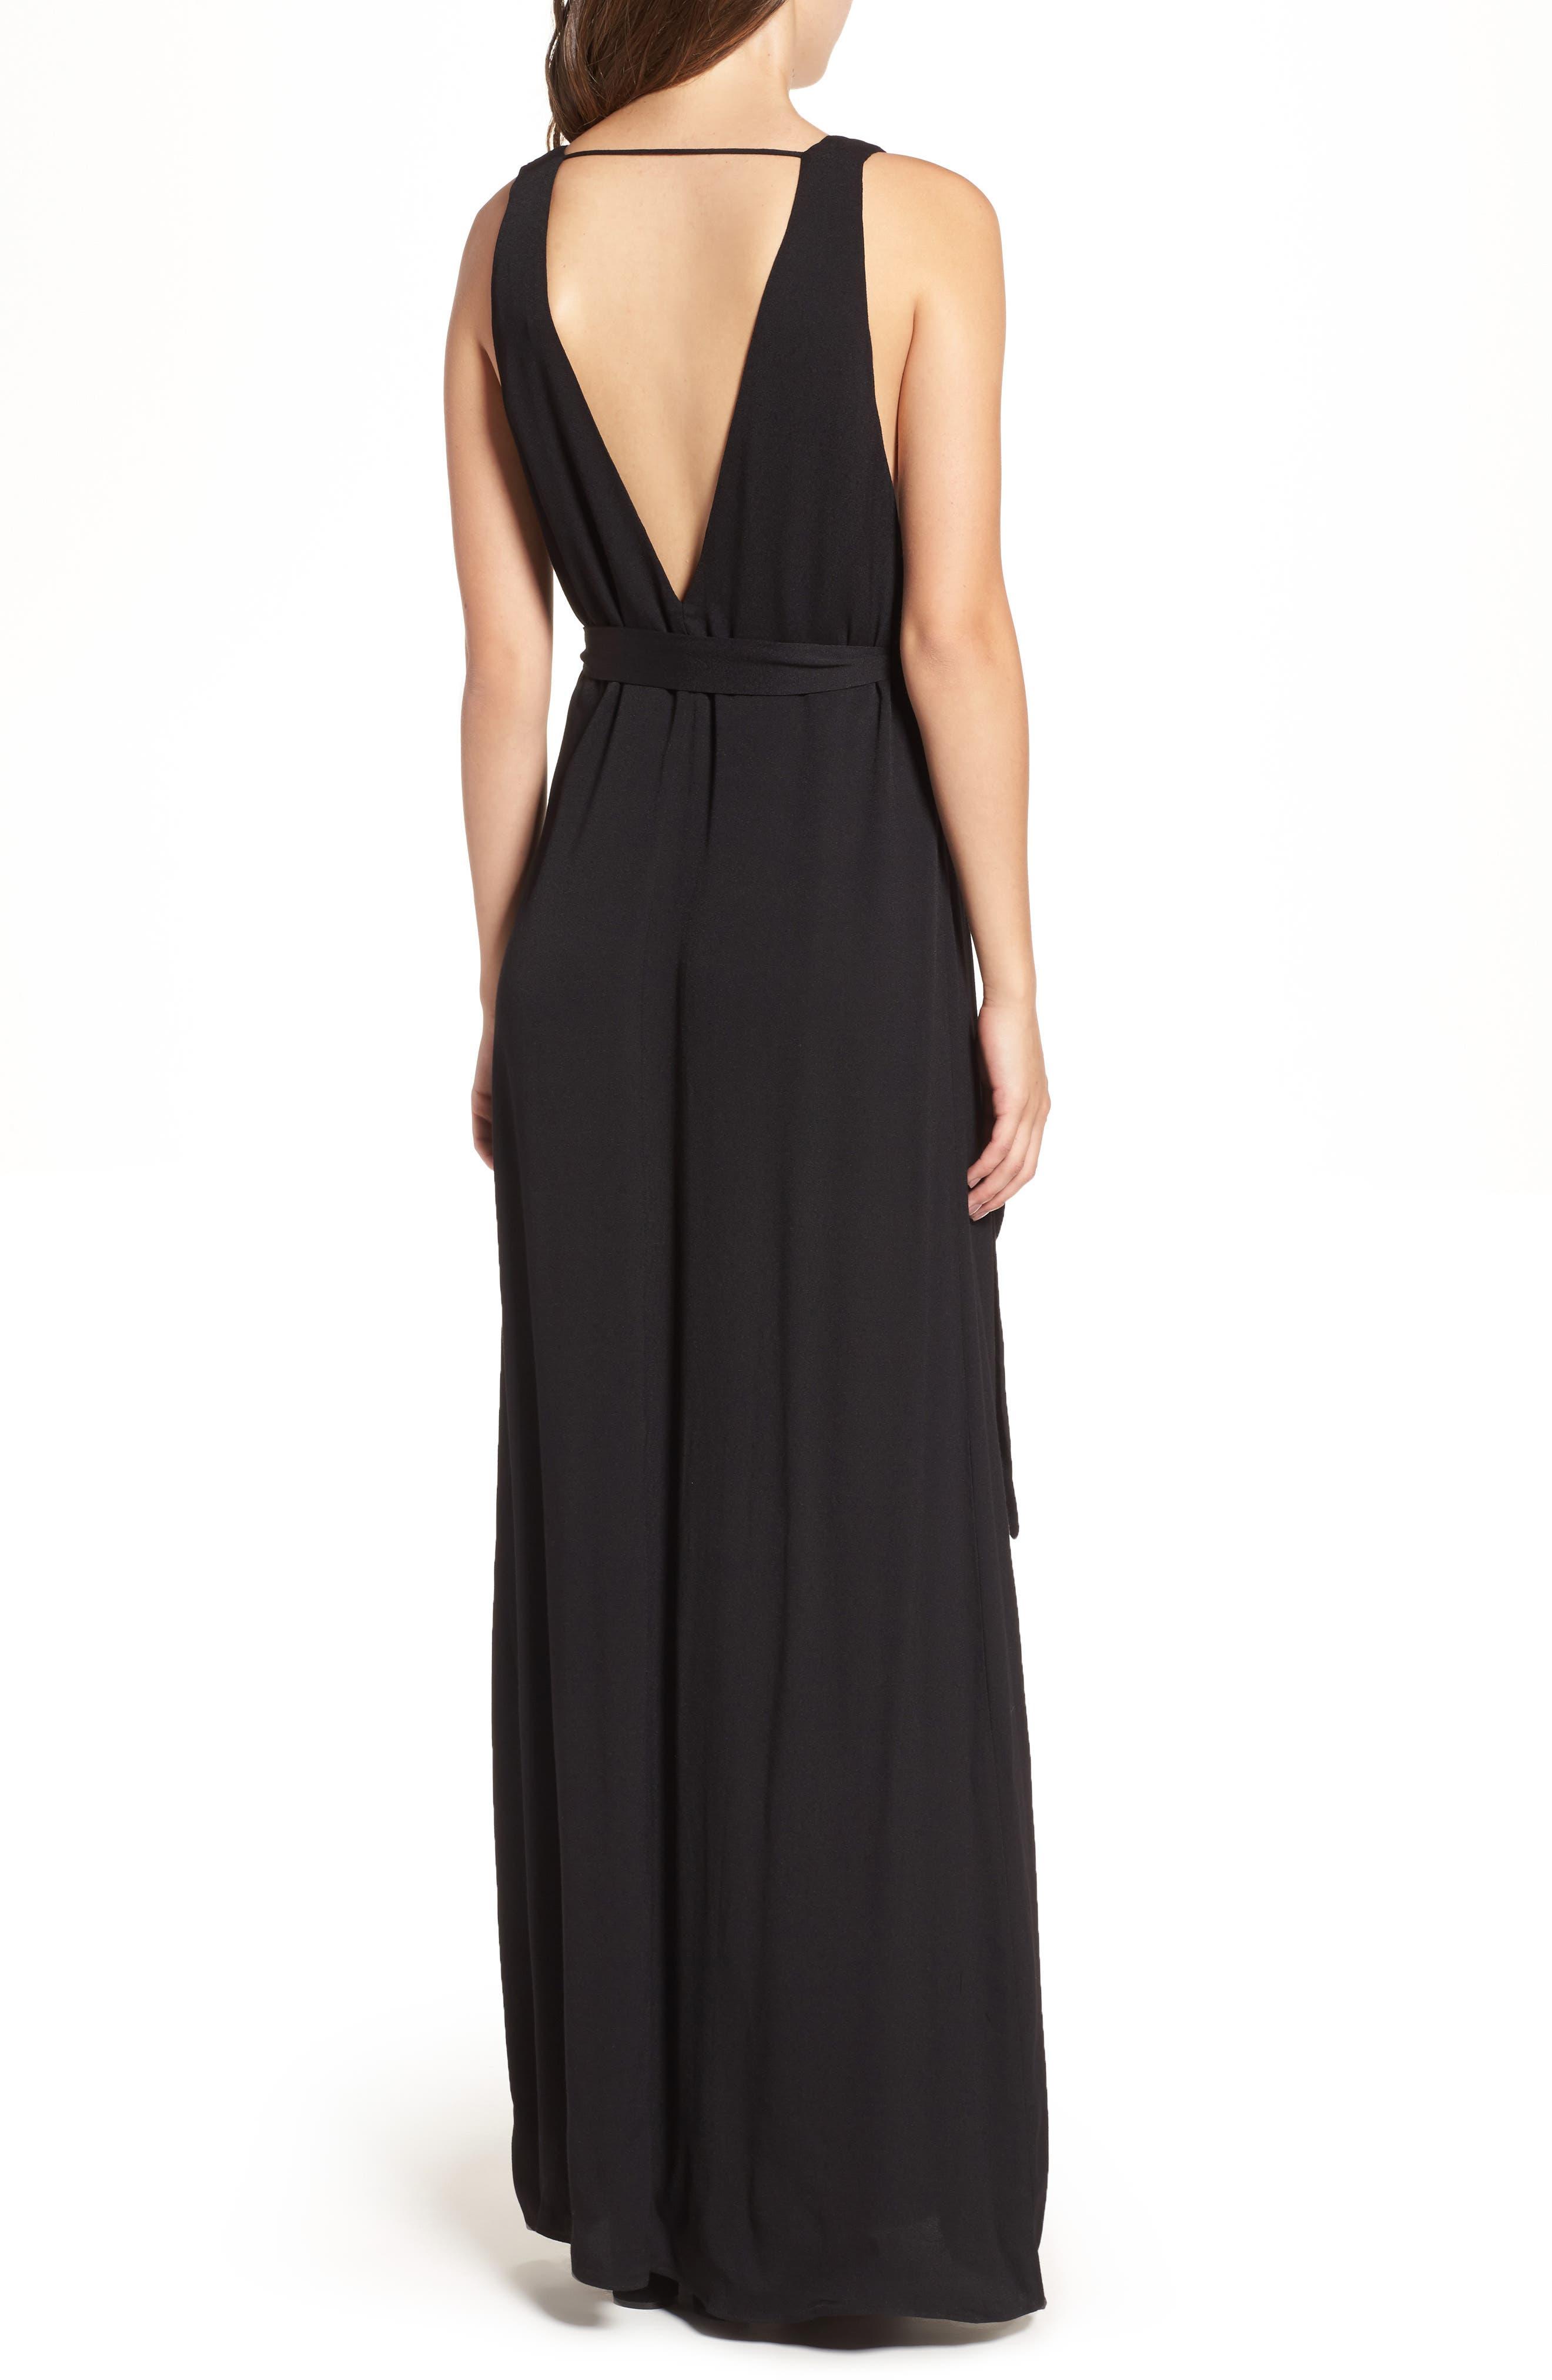 Rowan Maxi Dress,                             Alternate thumbnail 2, color,                             001